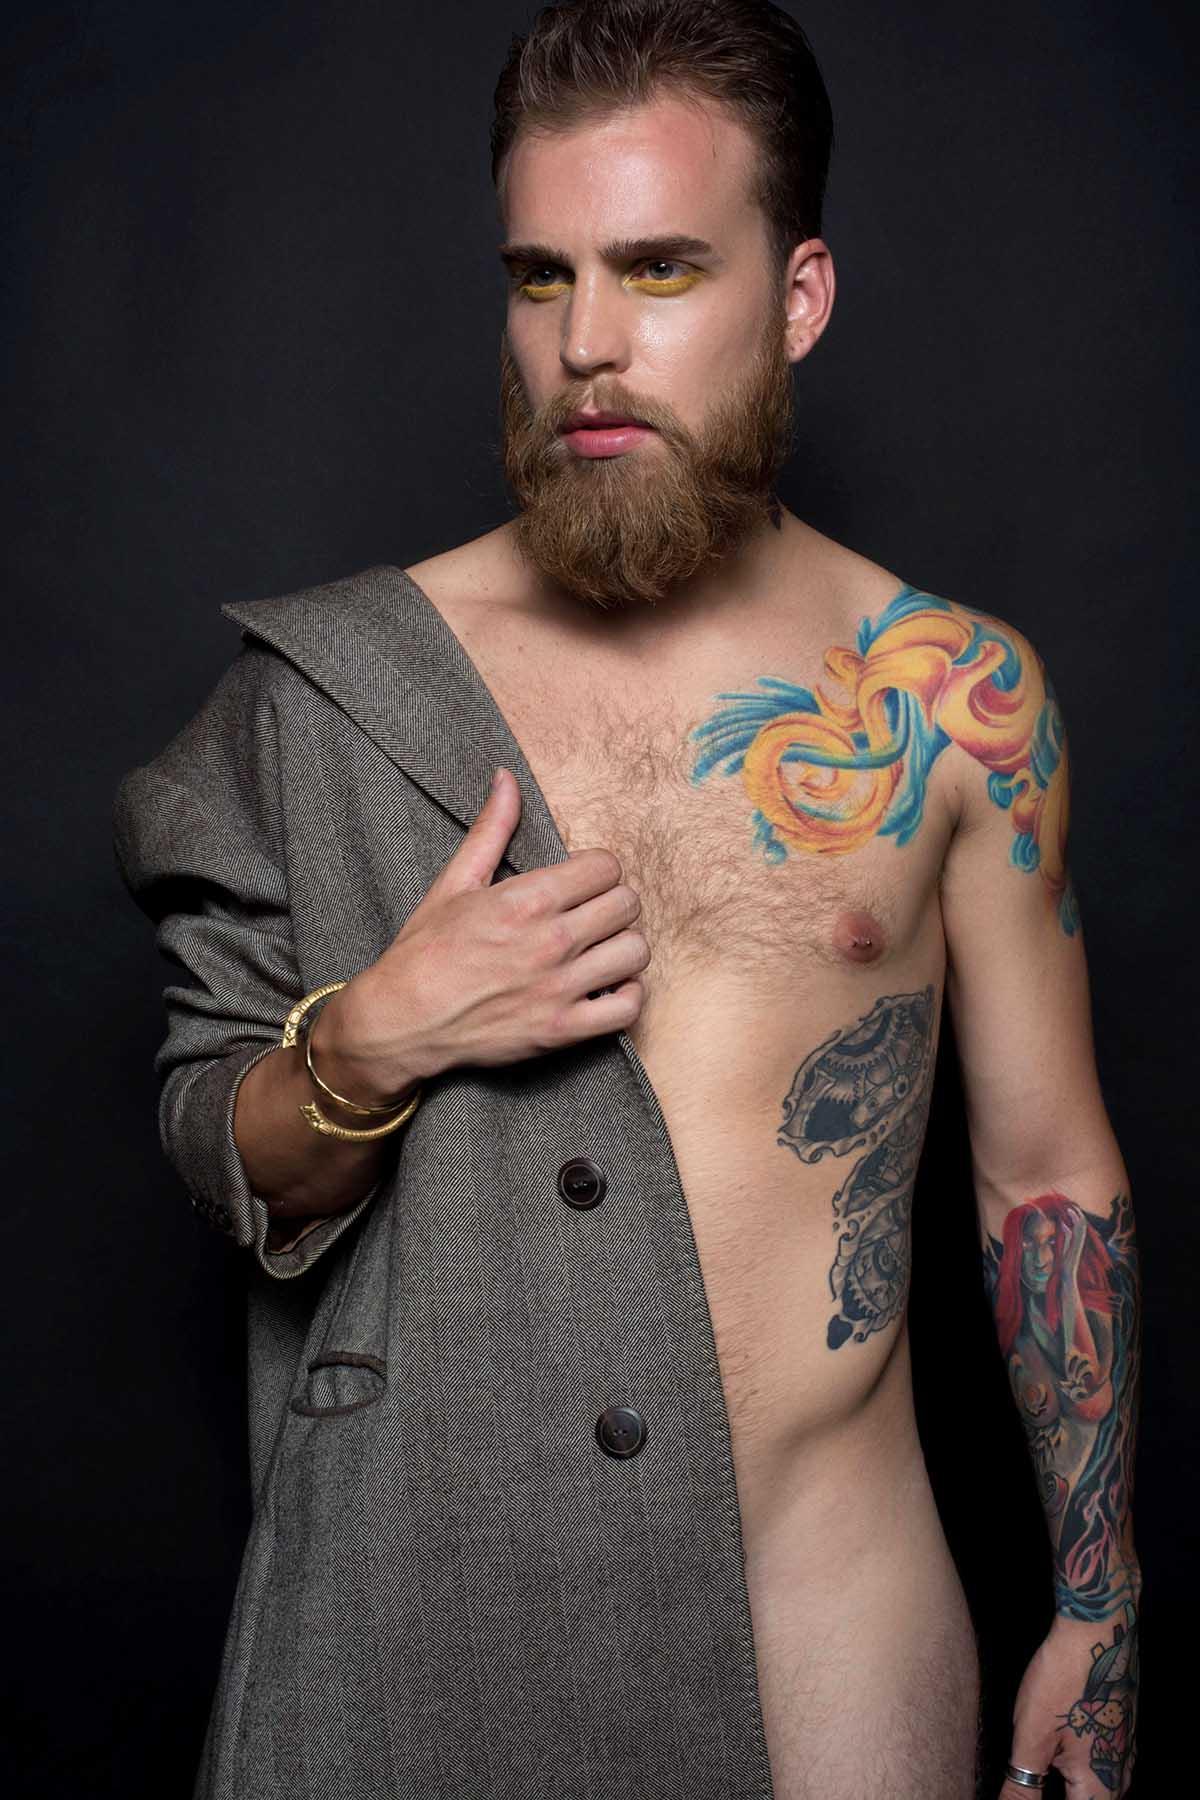 Julian Israel by De Macedo for Brazilian Male Model